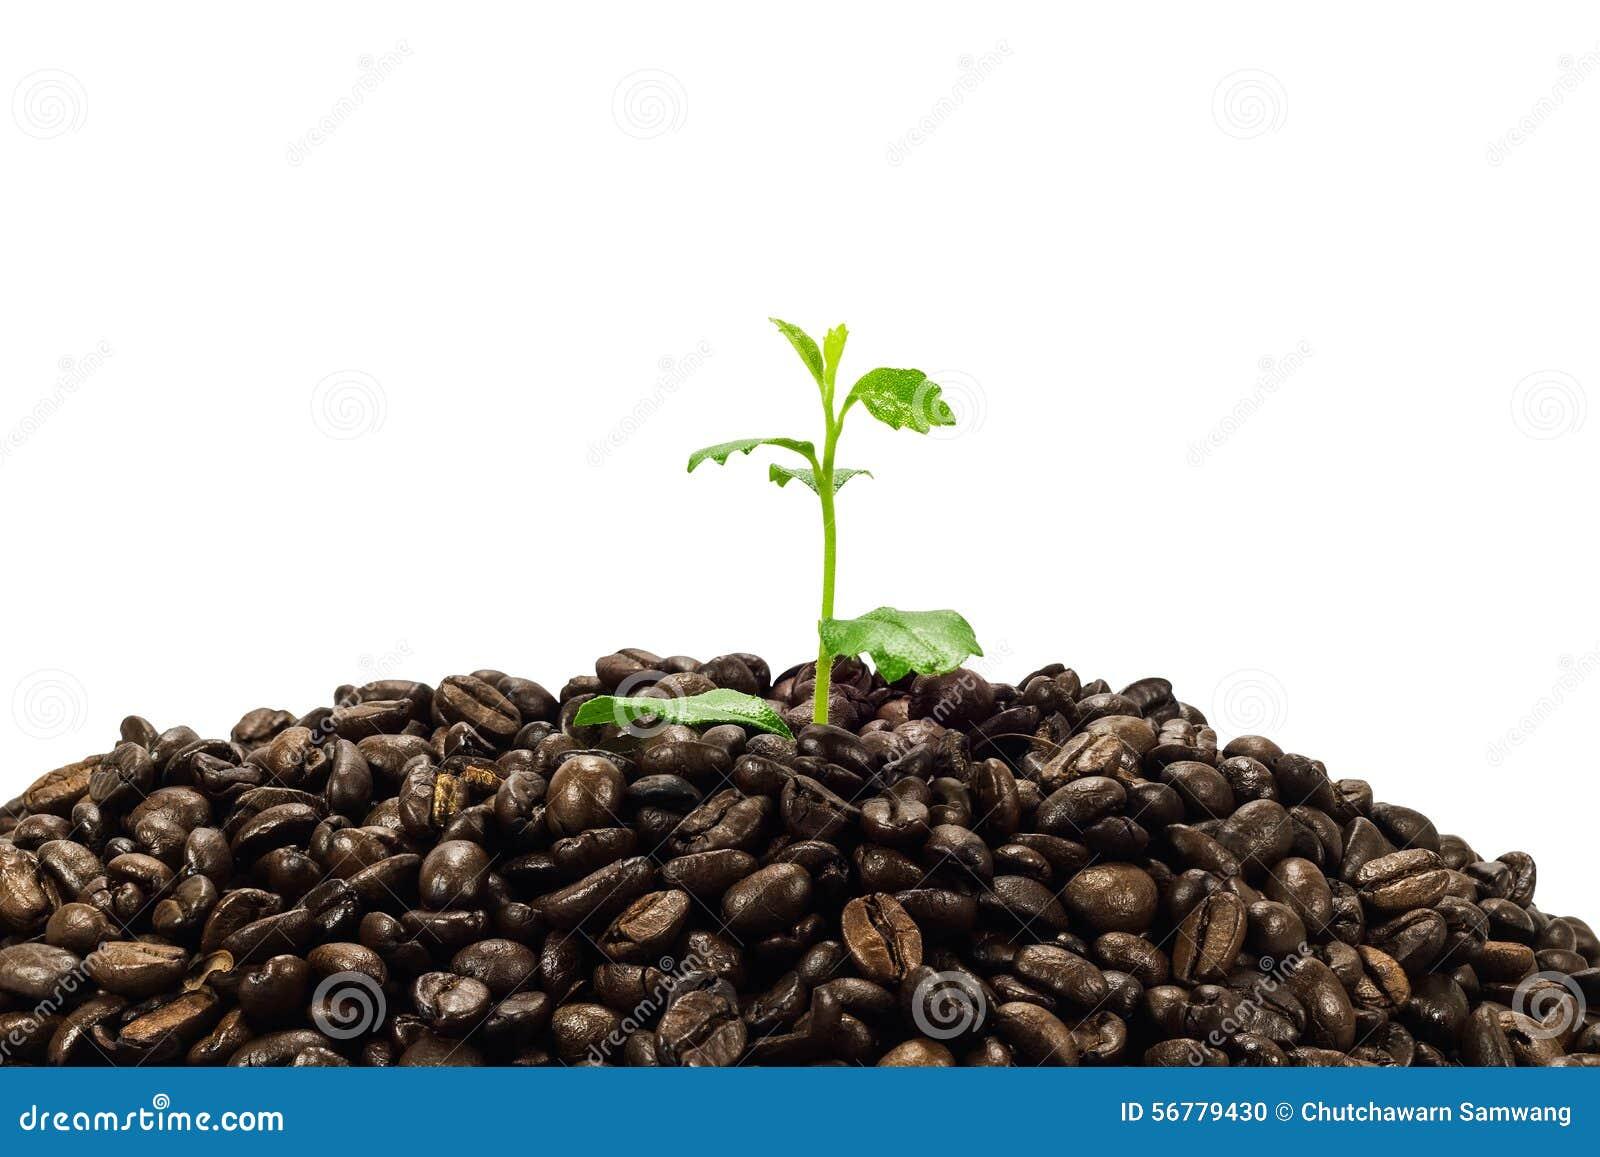 jeune plante verte en grains de café d'isolement sur le fond blanc